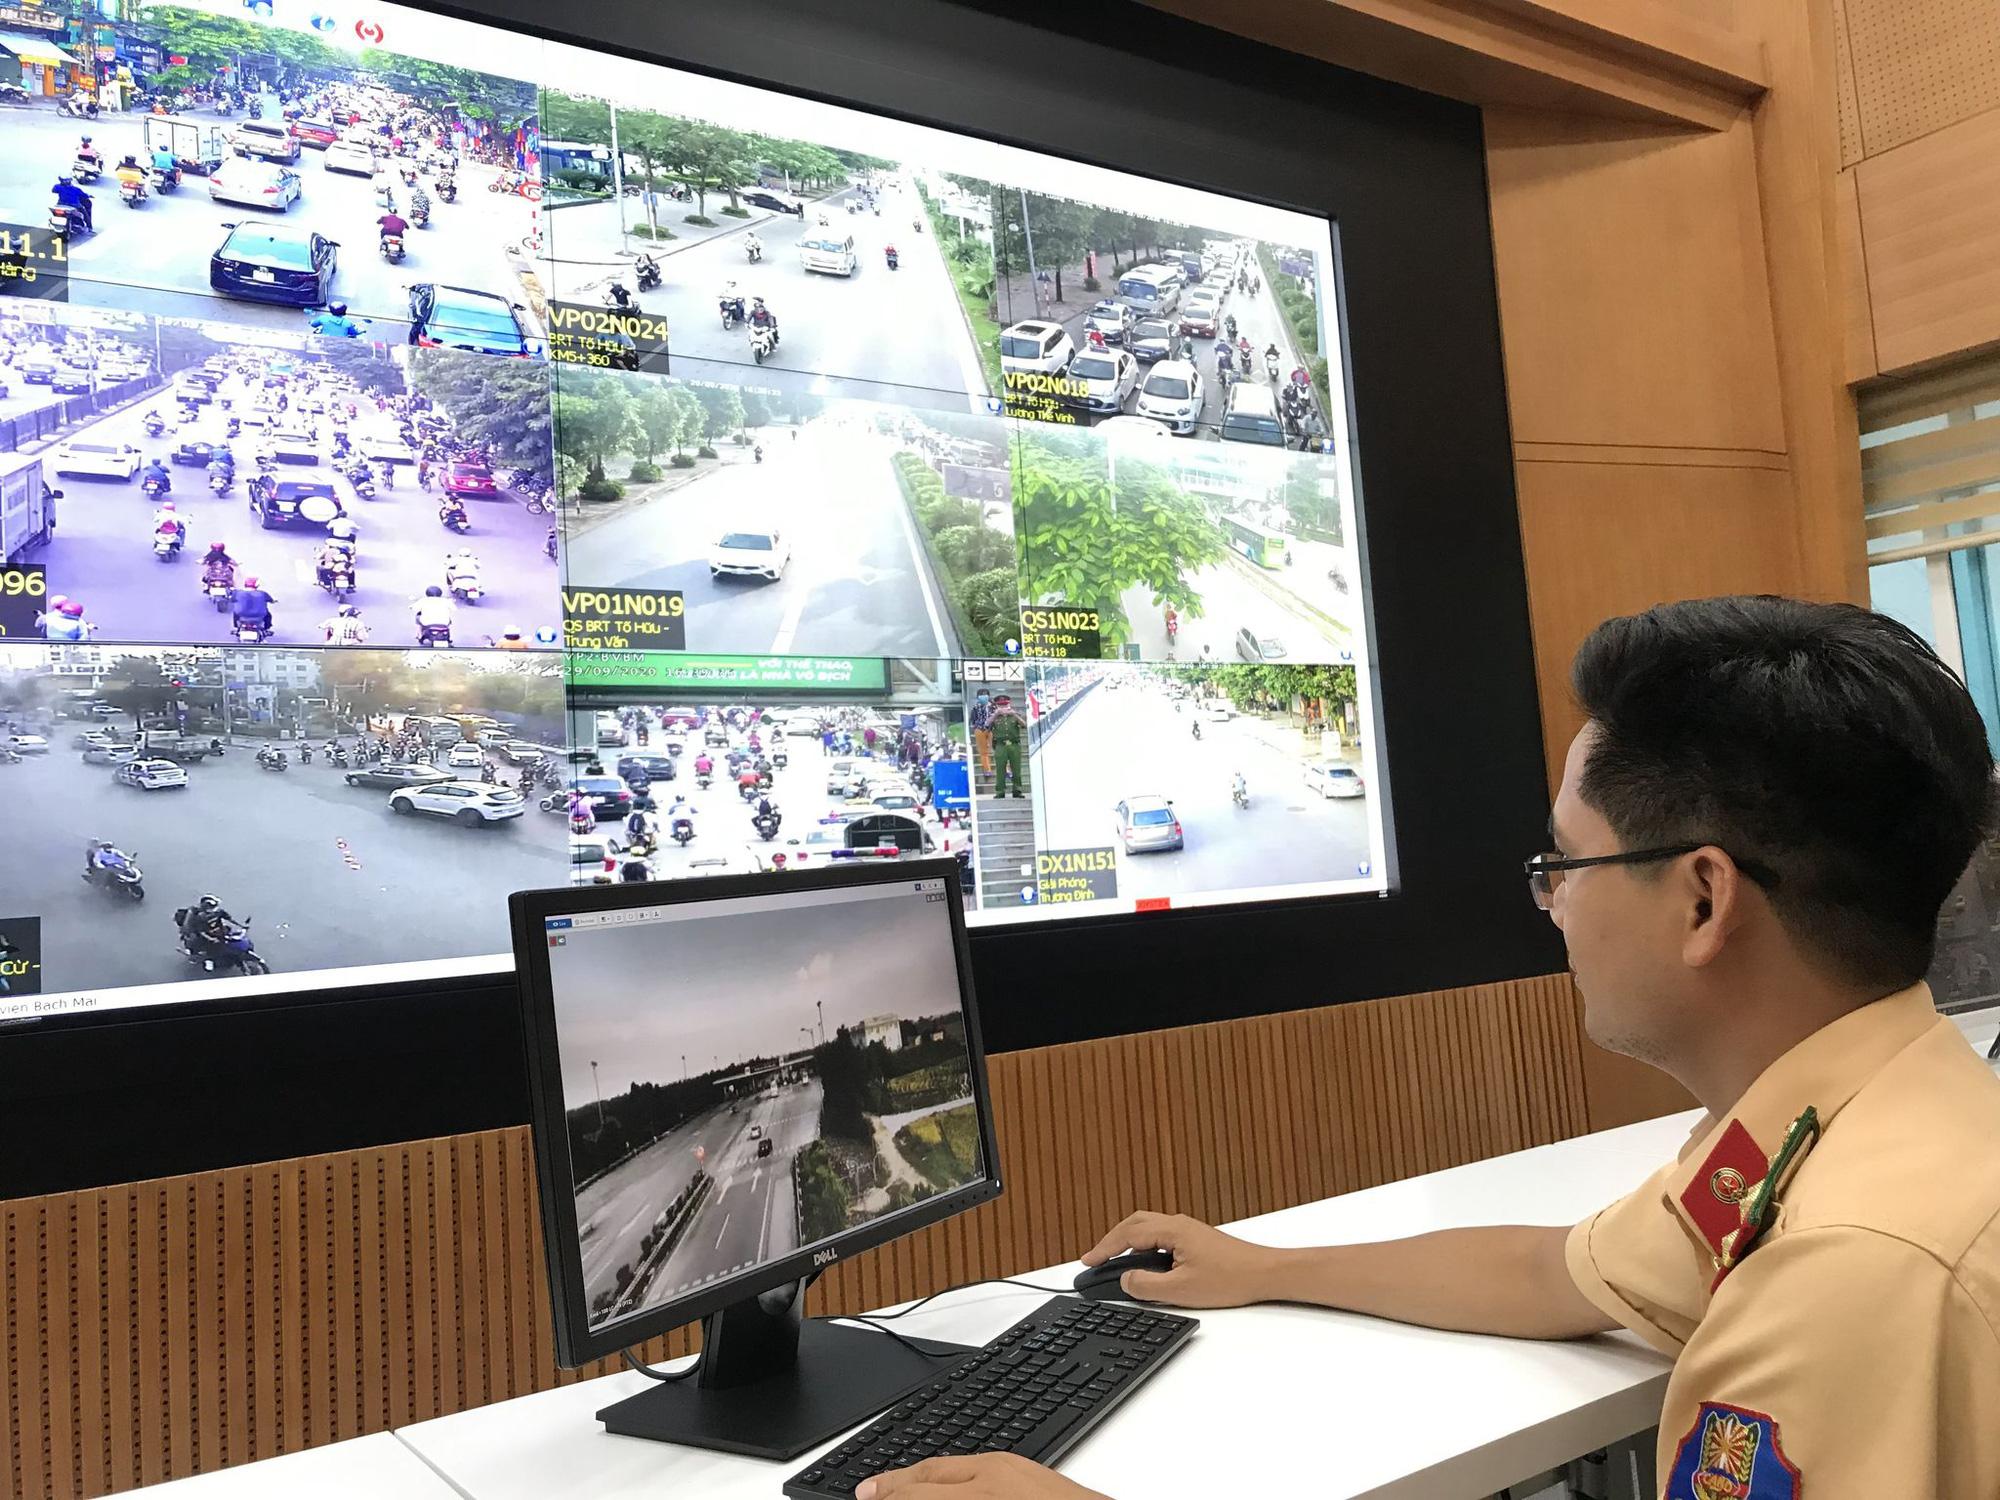 Cục CSGT: Cảnh sát sẽ xử phạt không cần giấy tờ, tước bằng lái trên mạng